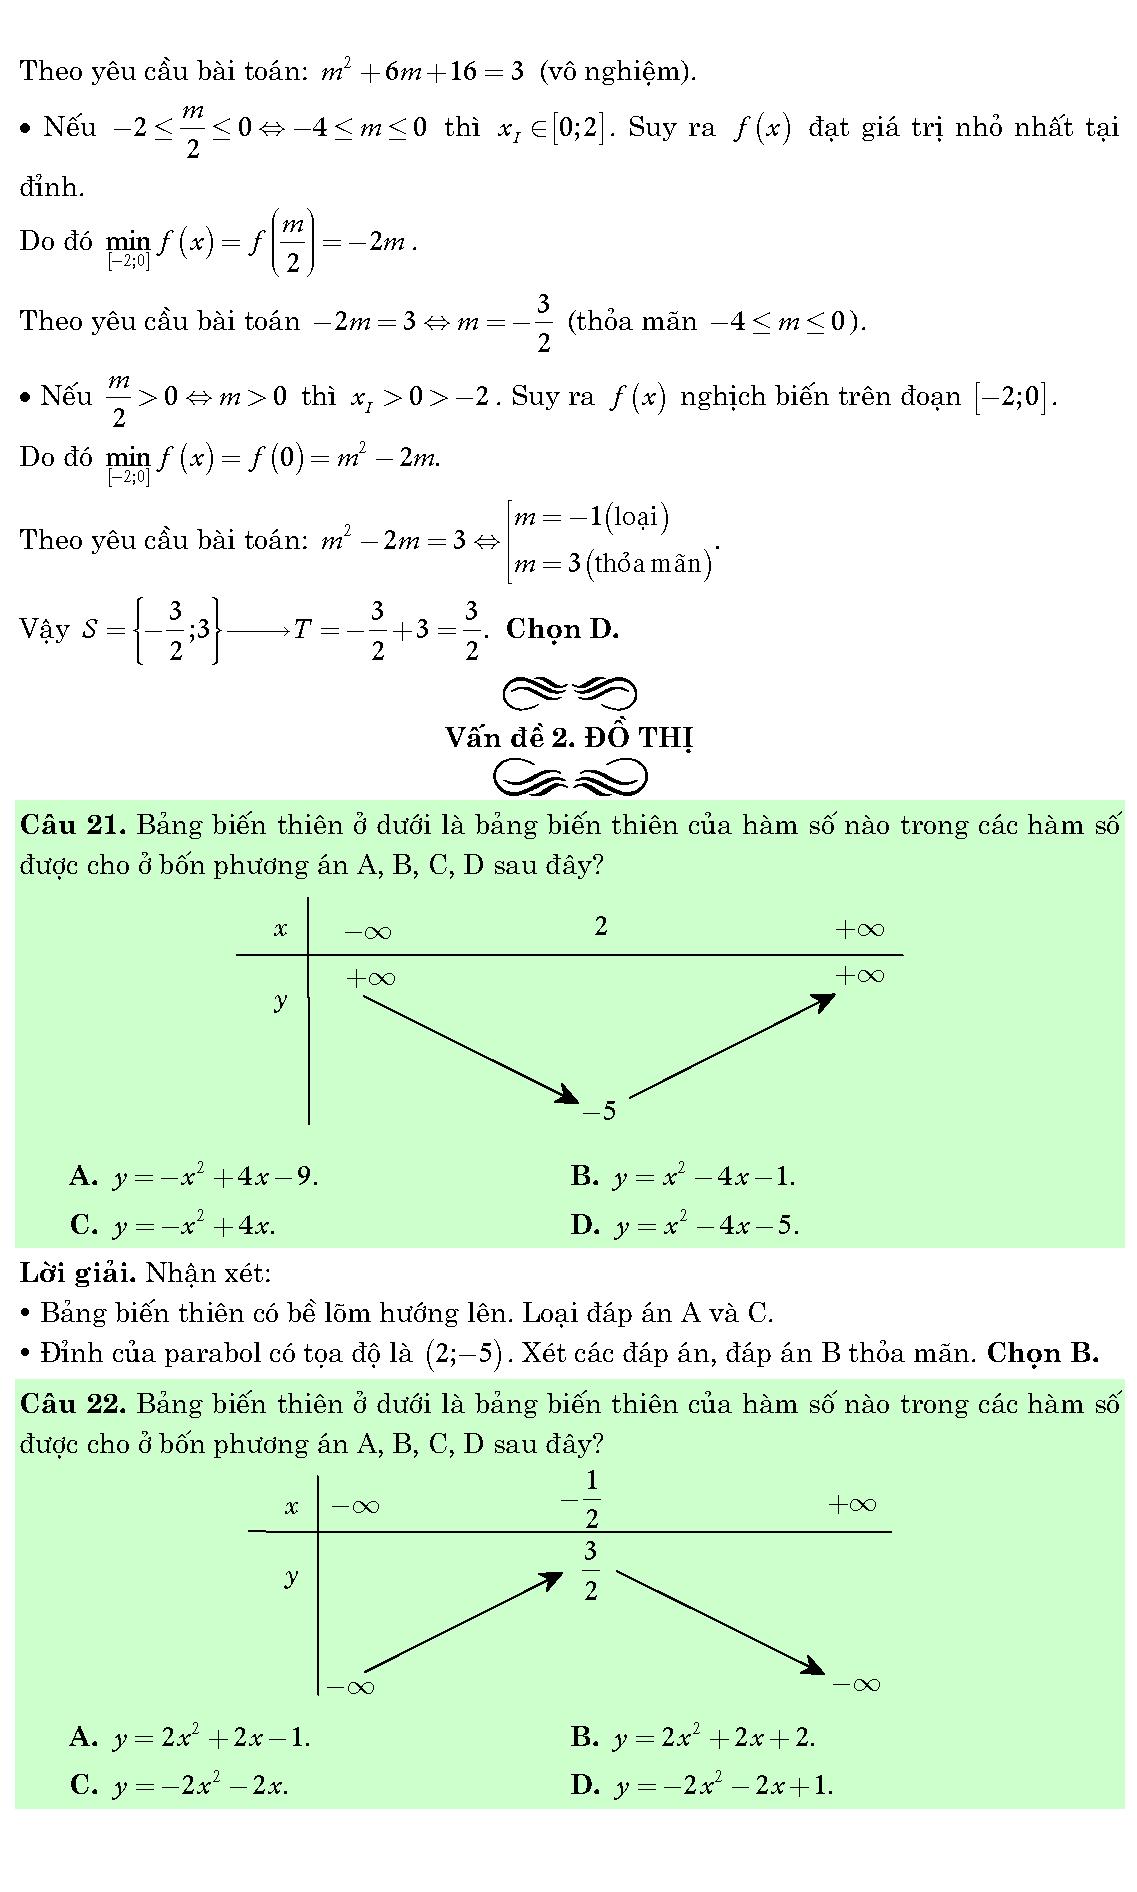 cách làm trắc nghiệm đồ thị hàm số